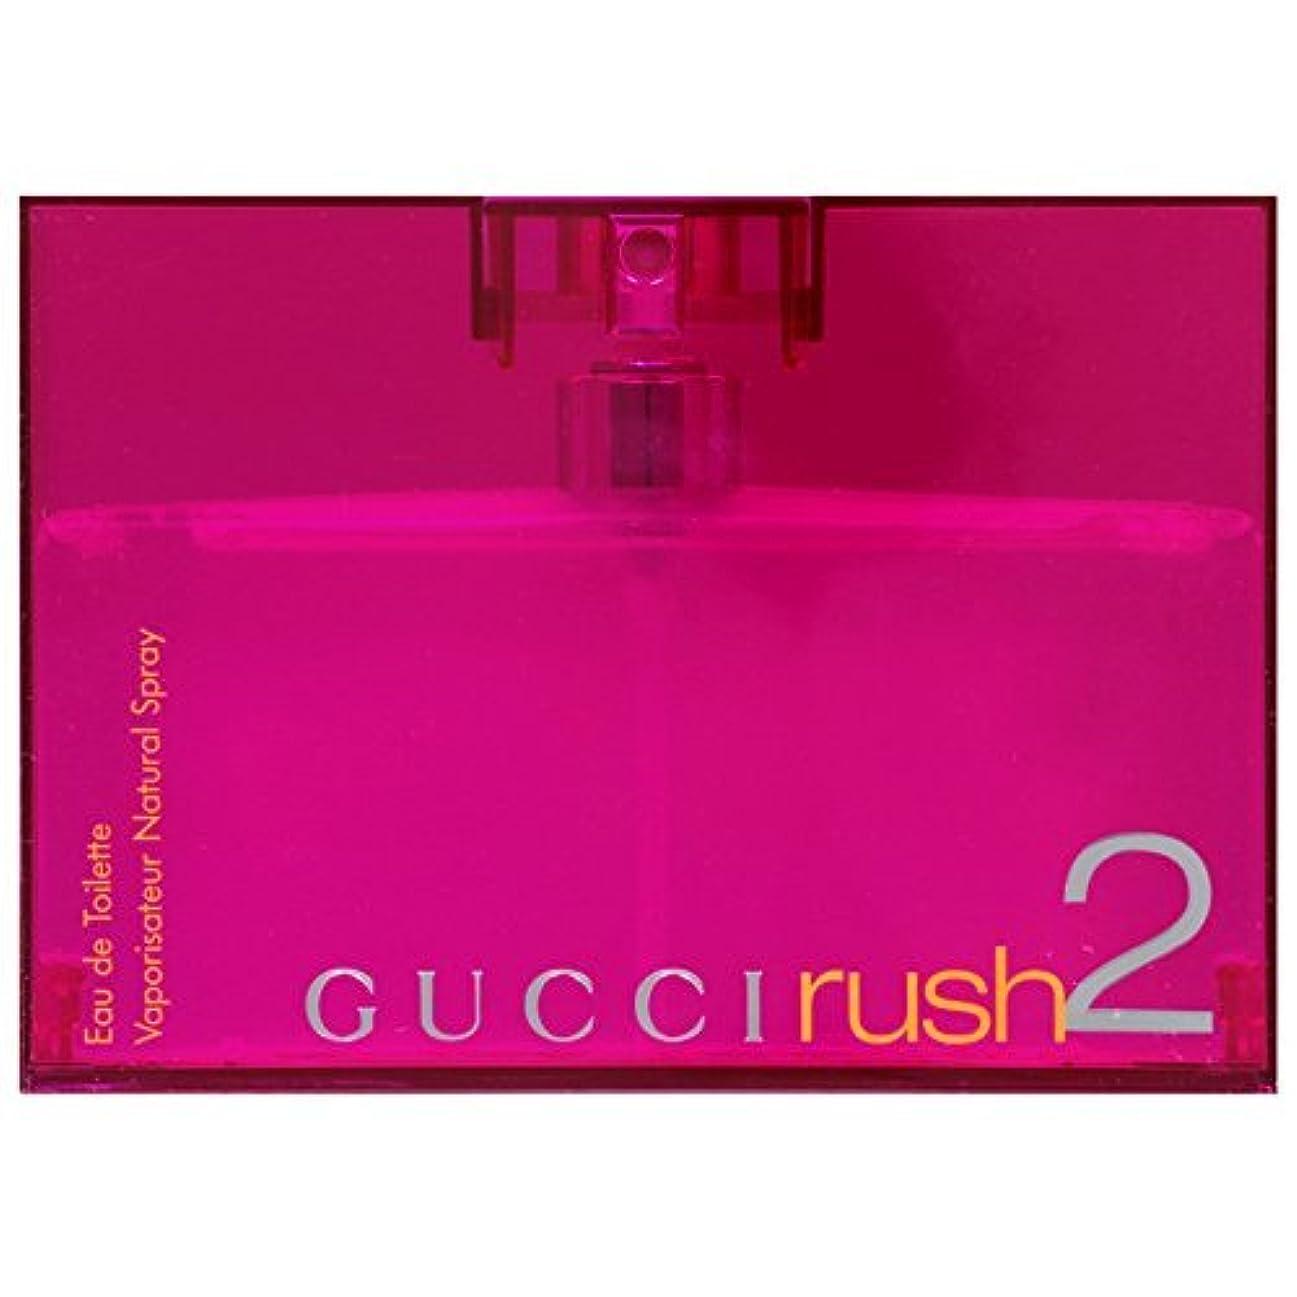 存在する新聞手紙を書くグッチ ラッシュ2オードトワレスプレーEDT30ml GUCCI RUSH2 EDT